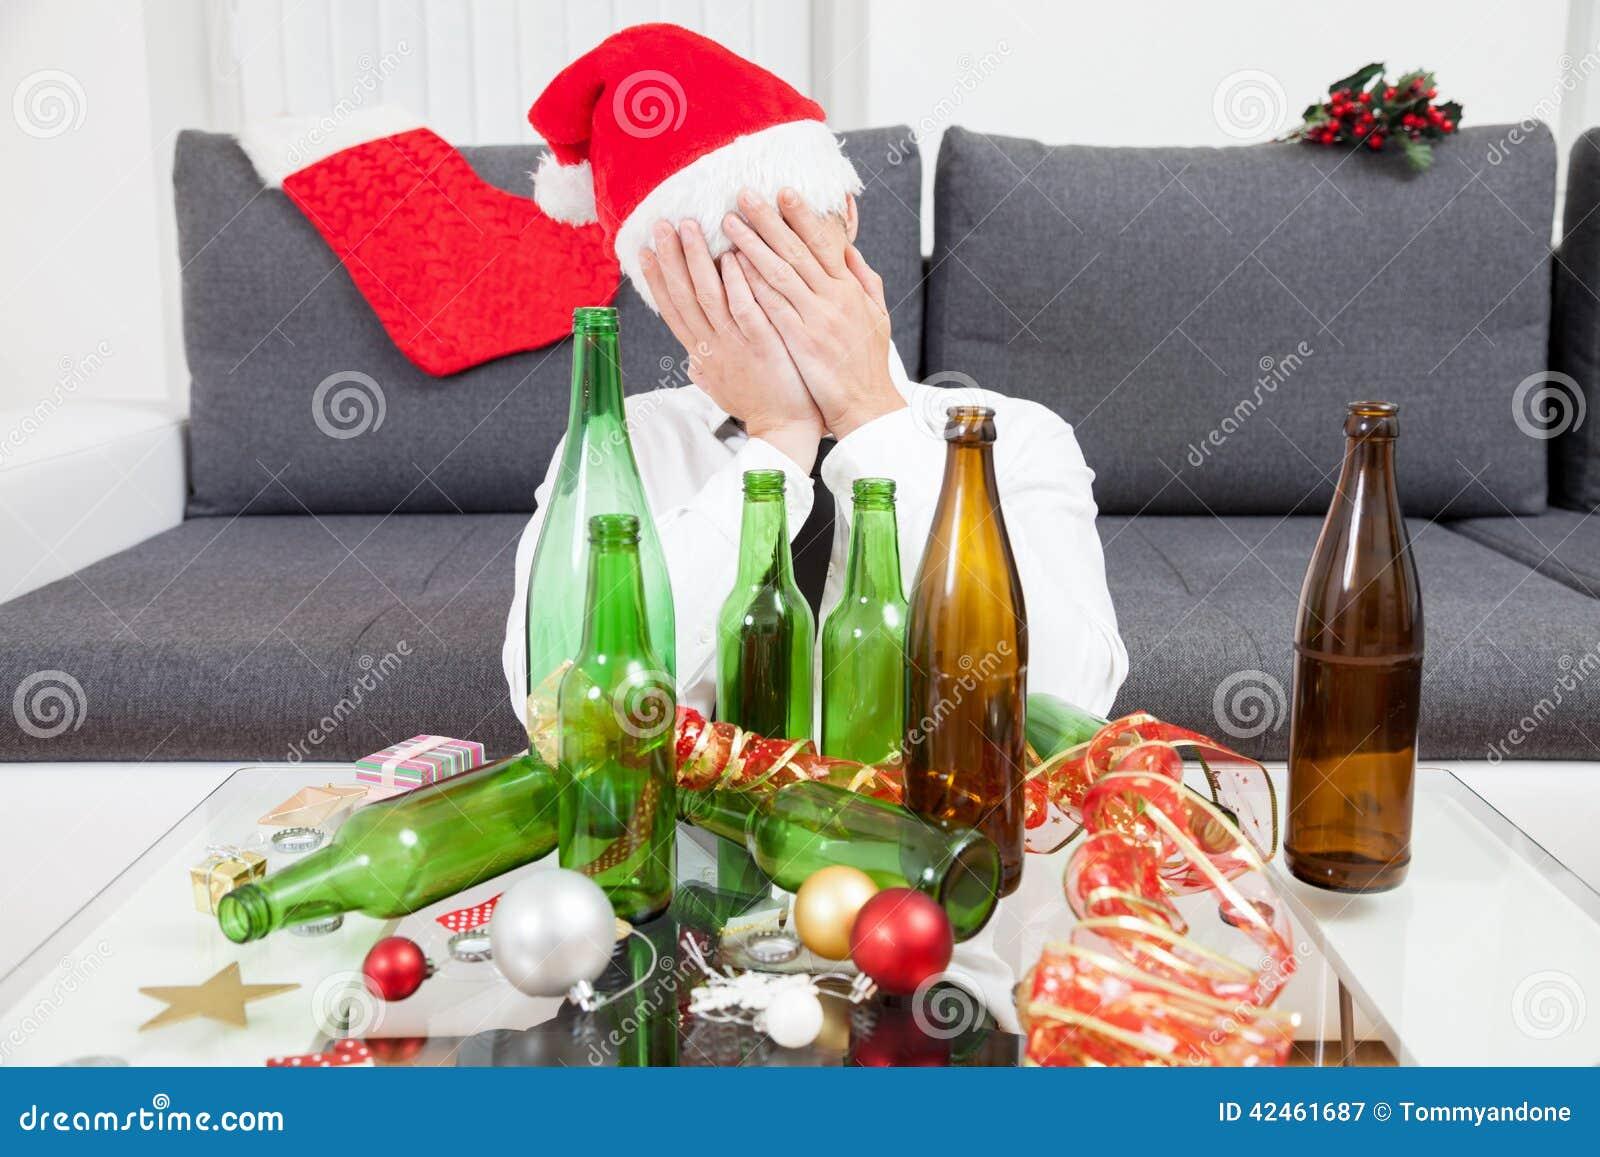 Trinken zu viel während der Weihnachtszeit